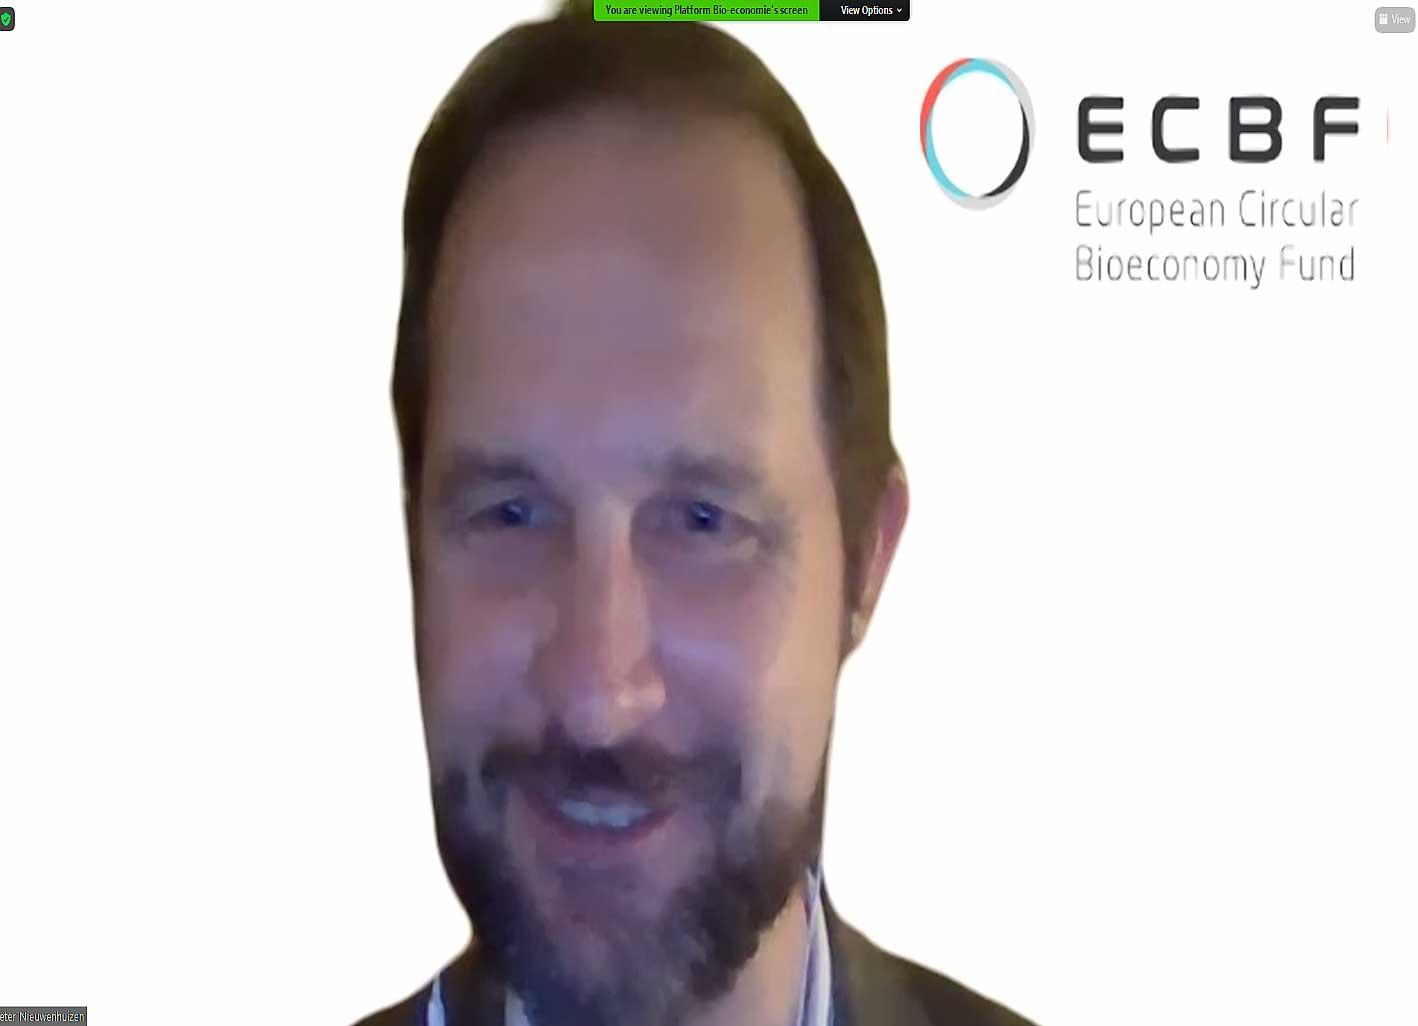 Peter Nieuwenhuijzen (ECBF)